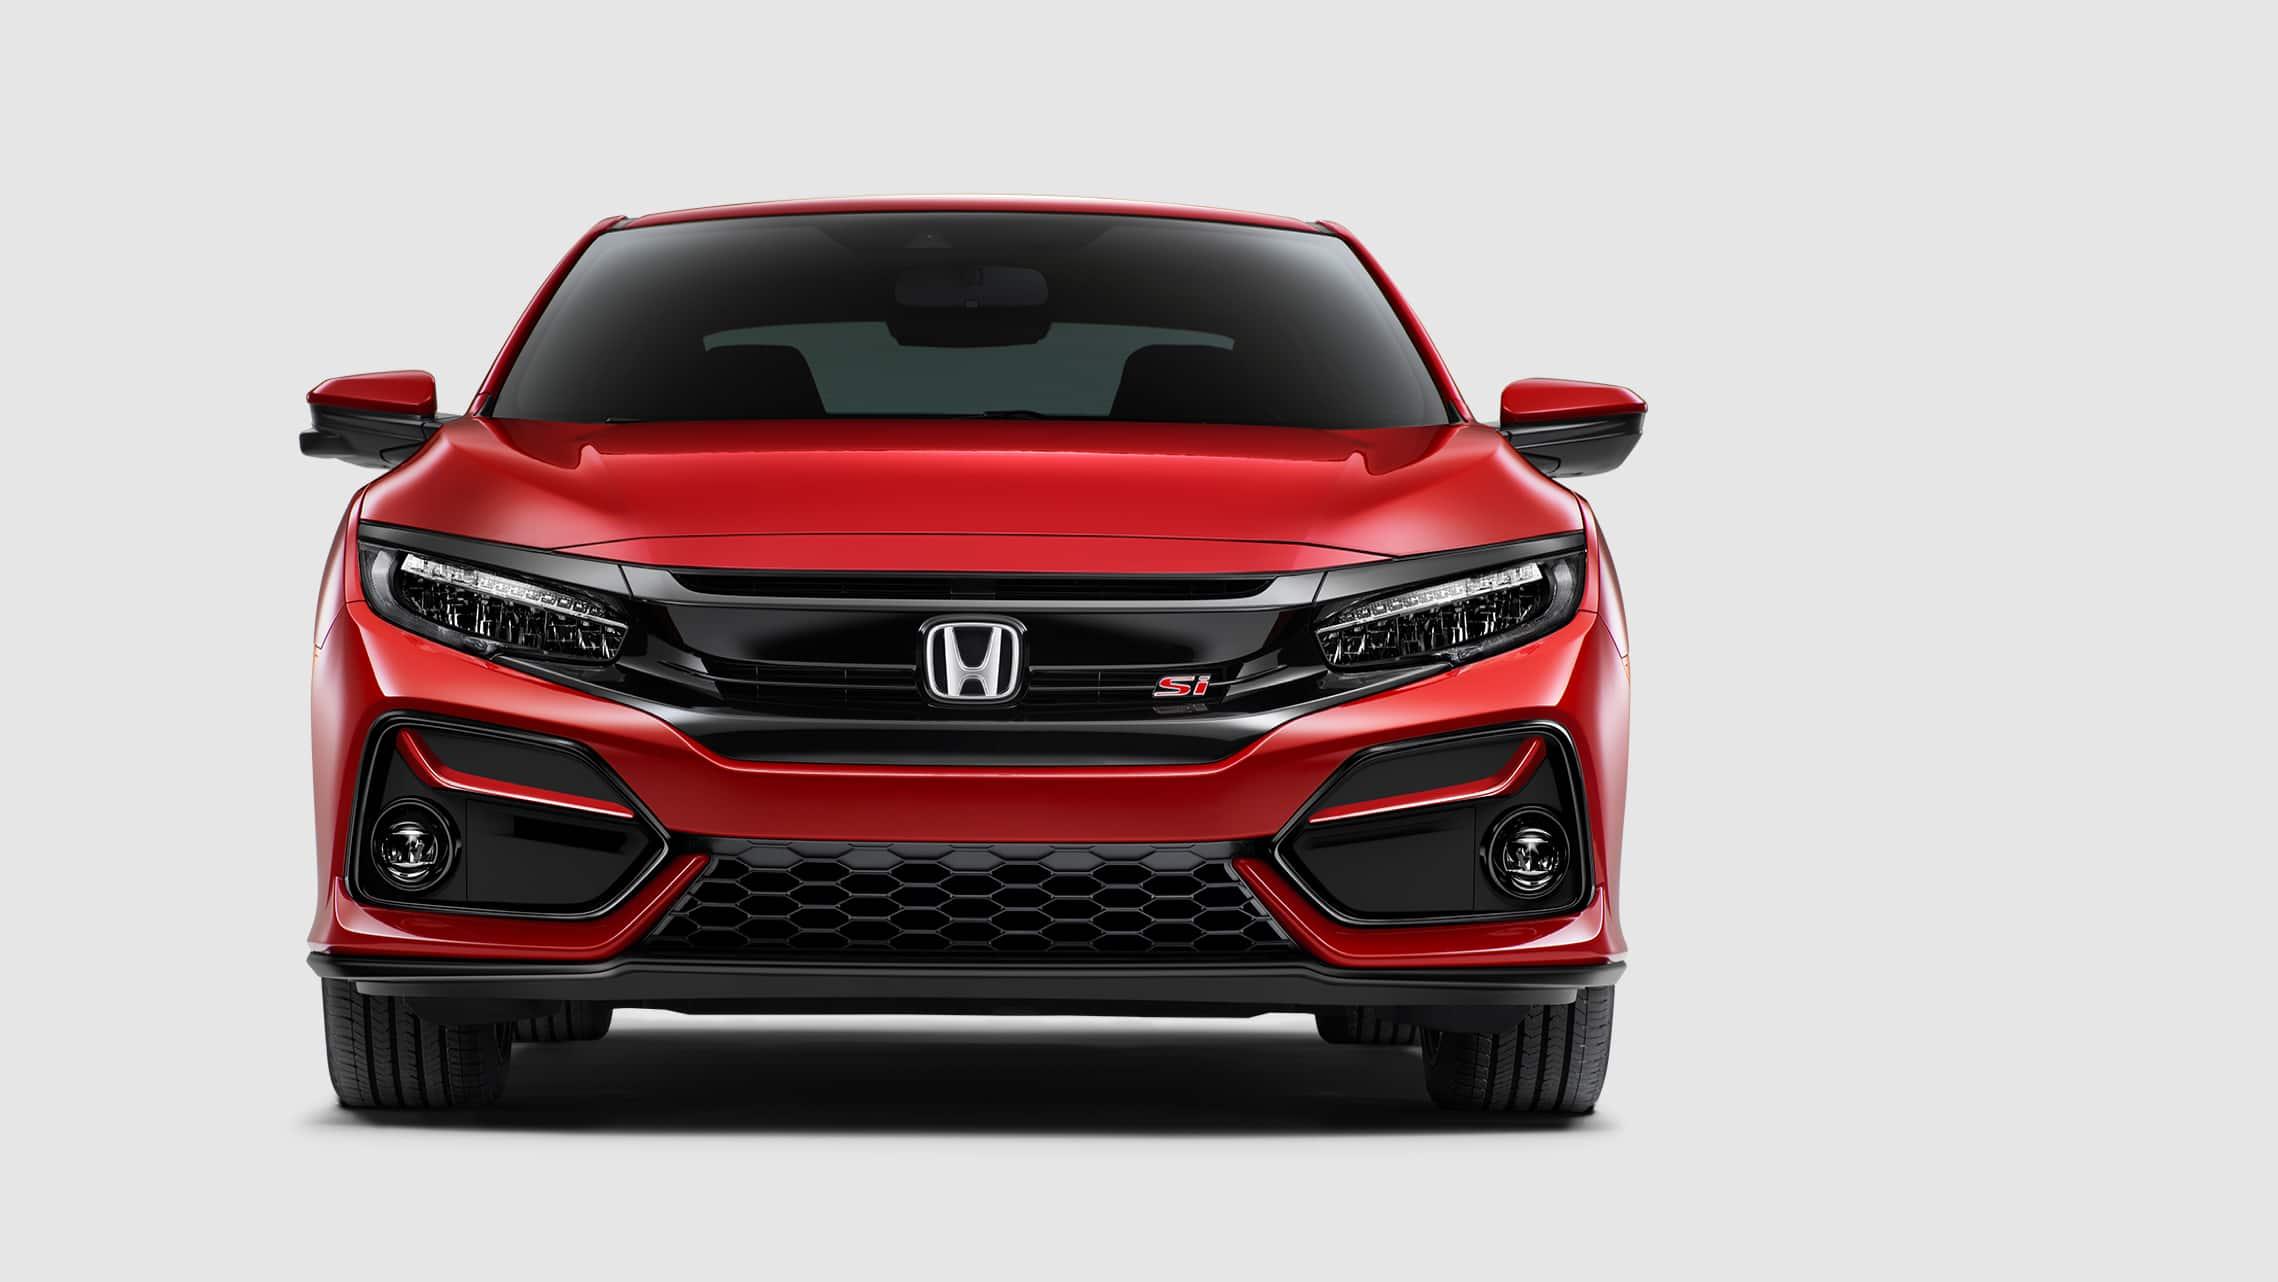 Detalle de la rejilla delantera del Honda Civic Si Coupé2020 en Rallye Red.